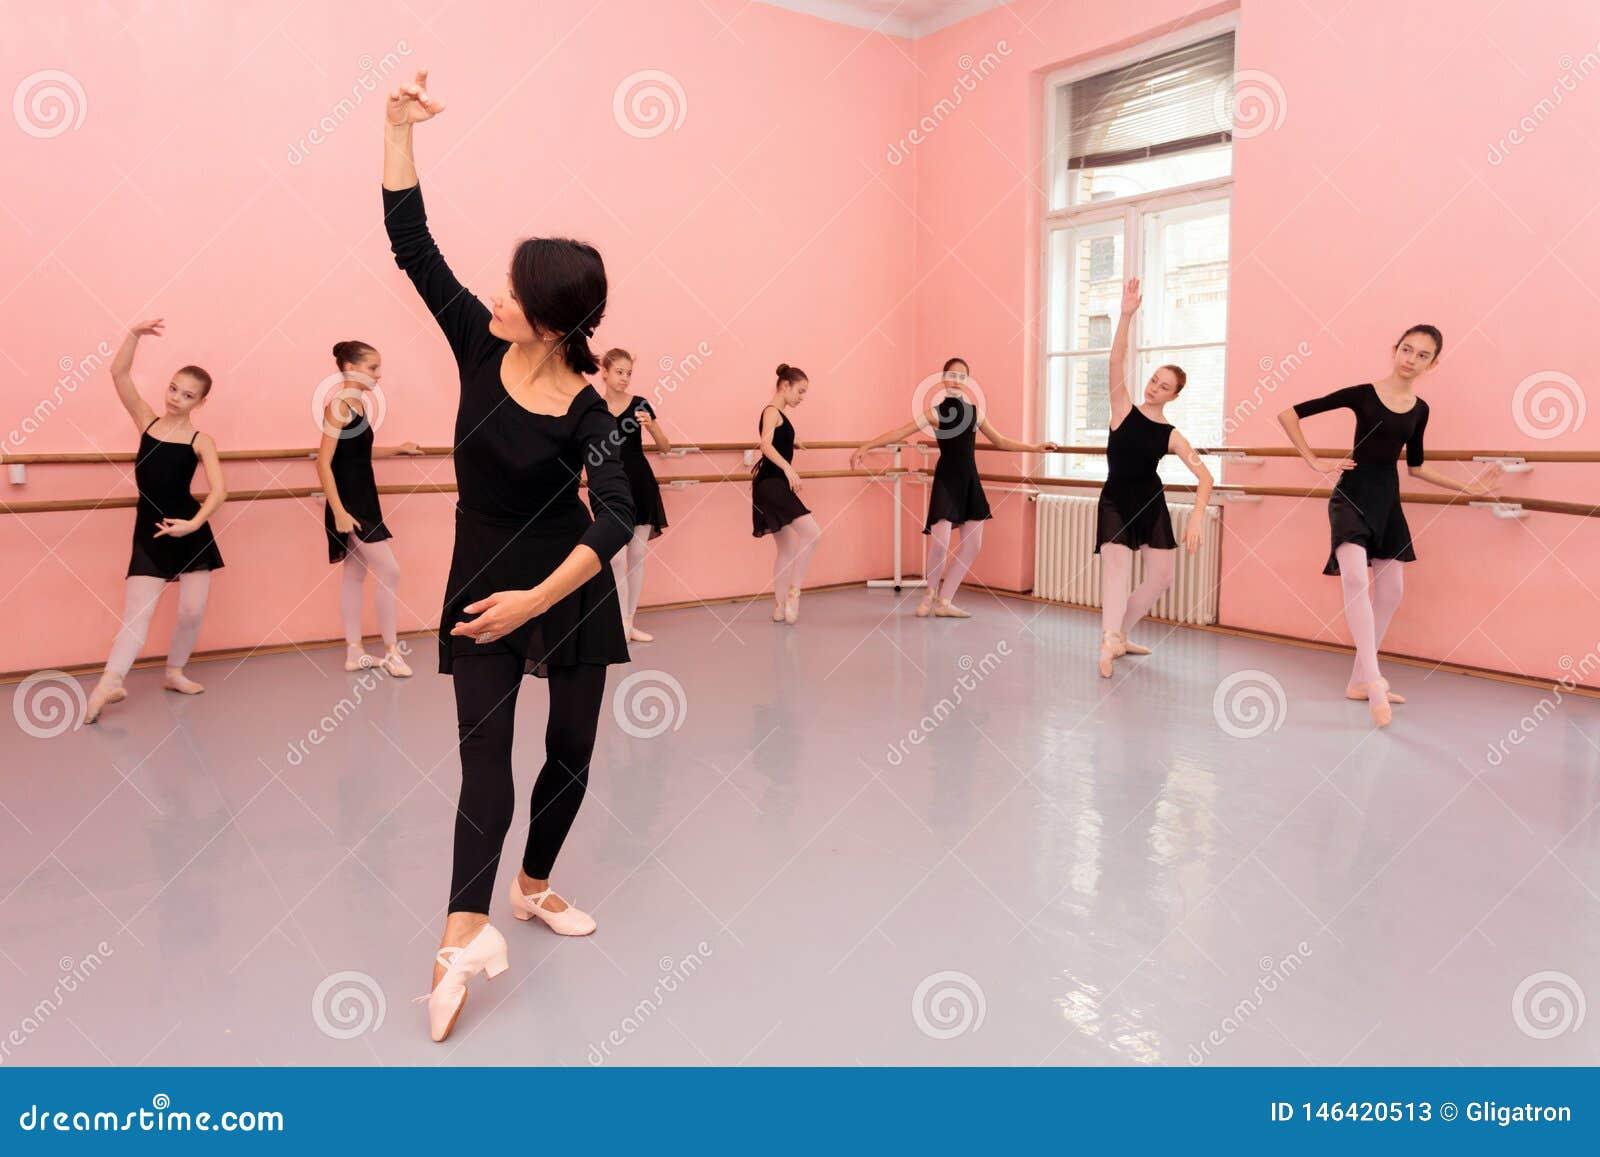 Ώριμες θηλυκές μπαλέτου κινήσεις χορού δασκάλων καταδεικνύοντας μπροστά από μια ομάδα νέων έφηβη